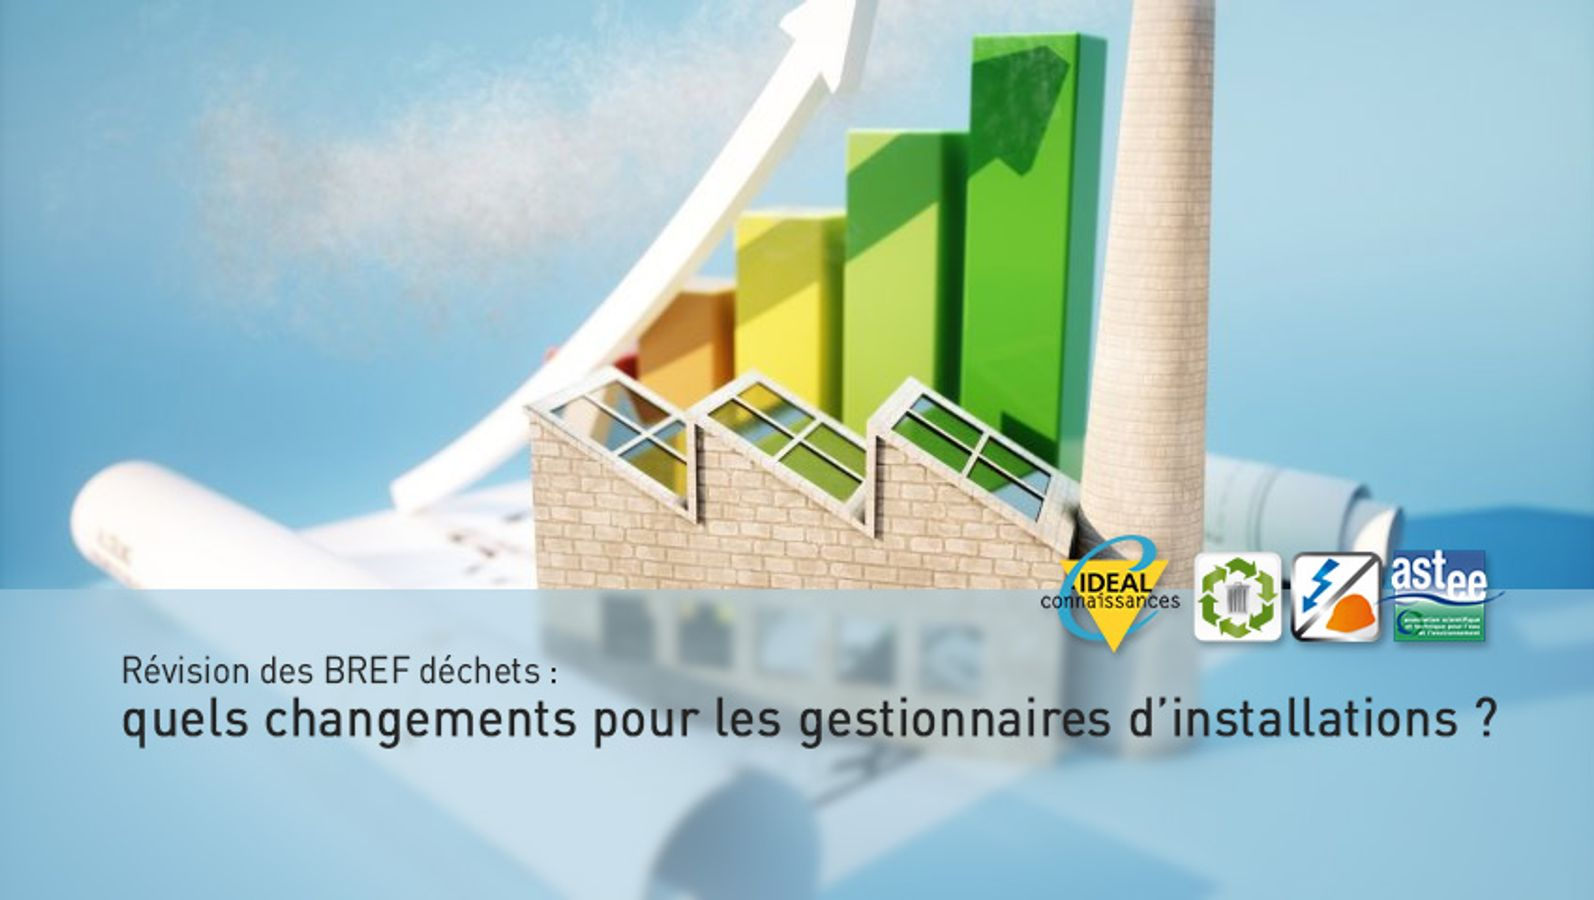 Révision des BREF déchets : quels changements pour les gestionnaires d'installations ?